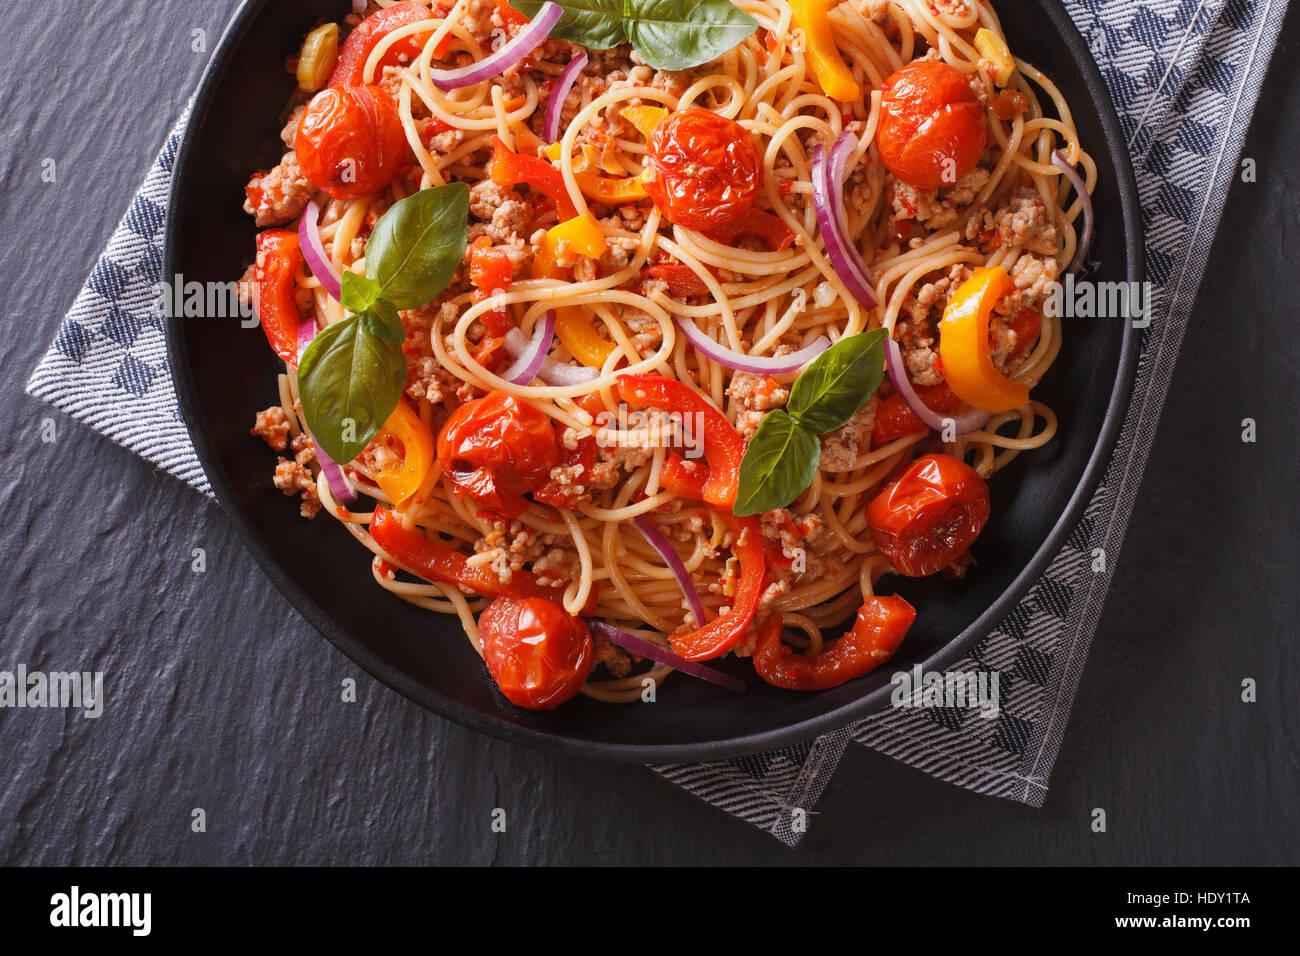 Italienische Küche: Pasta mit gehacktem Fleisch und Gemüse Nahaufnahme. Horizontale Ansicht von oben Stockbild